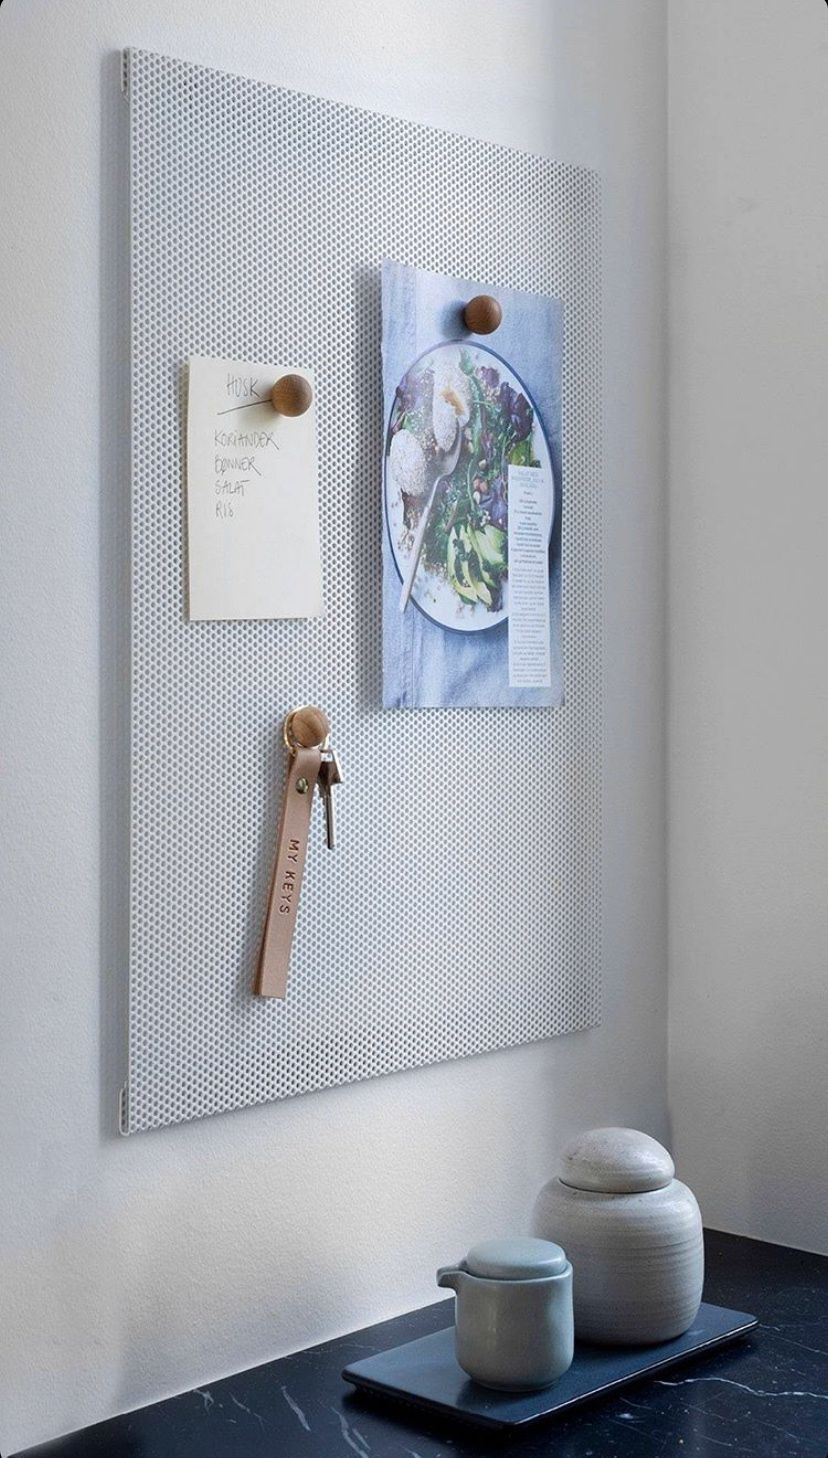 Den smarte opslagstavle fra Anne Linde, passer ind i ethvert rum med dens tidsløse design. Opslagstavle er magnetisk, så du kan for eksempel tilføje de flotte magnestiske spejle fra Anne Linde hvis den skal hænge i din entre.   #luxolivingdk #indretning #boligindretning #myluxoliving #homedecor #indretningsinspiration #bolig #inspiration #soveværelse #homeinspiration #design #herning #køkken #annelinde